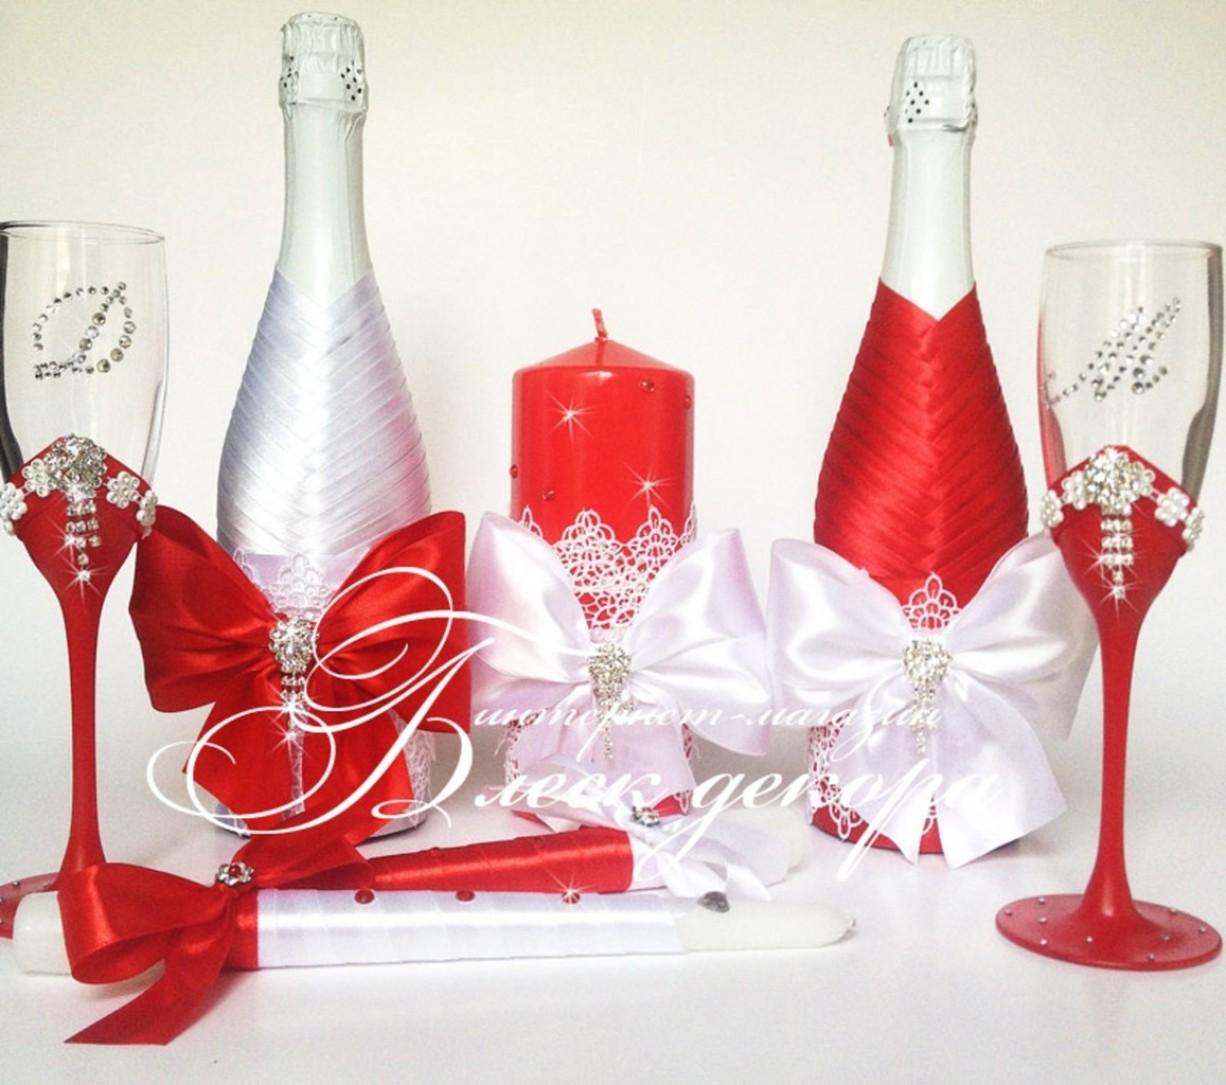 Оформление фужеров и шампанского на свадьбу своими руками